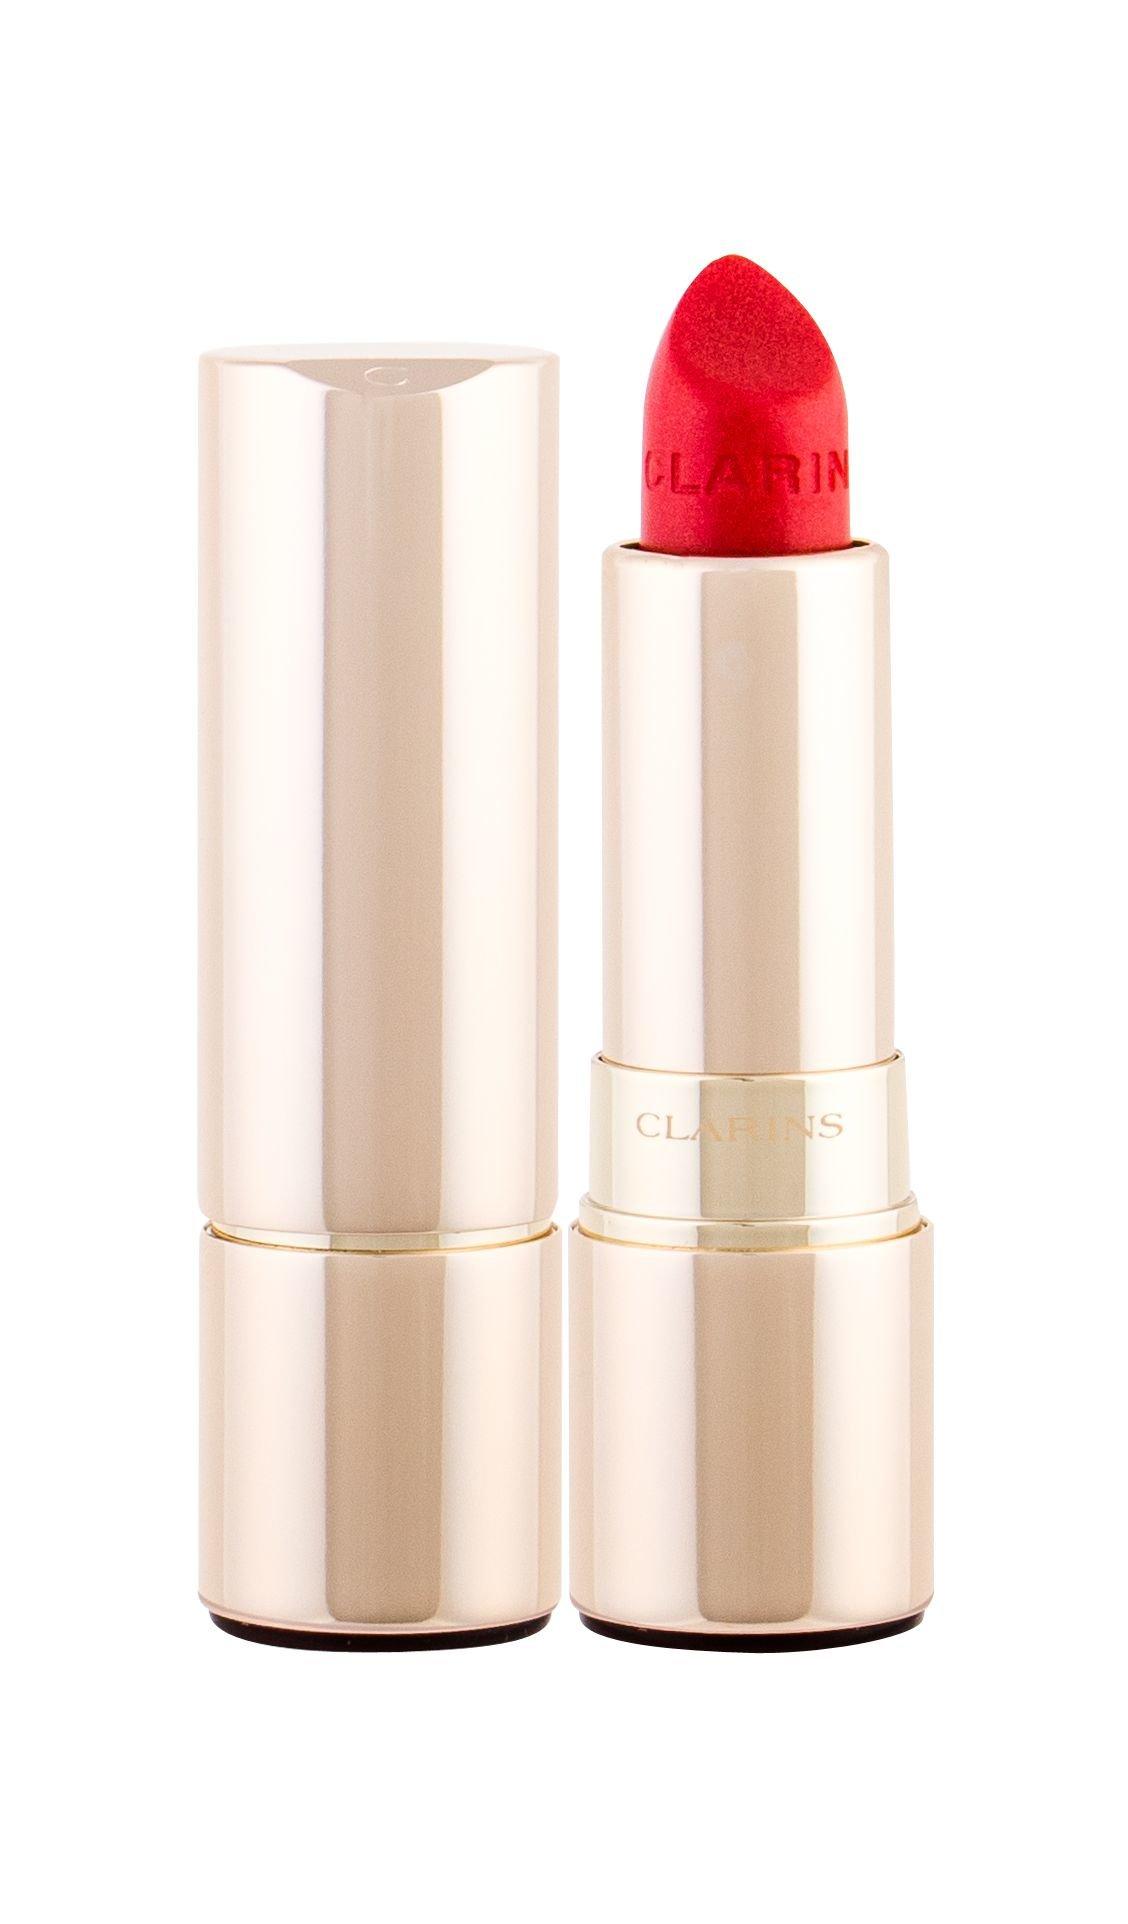 Clarins Joli Rouge Lipstick 3,5ml 13 Cherry